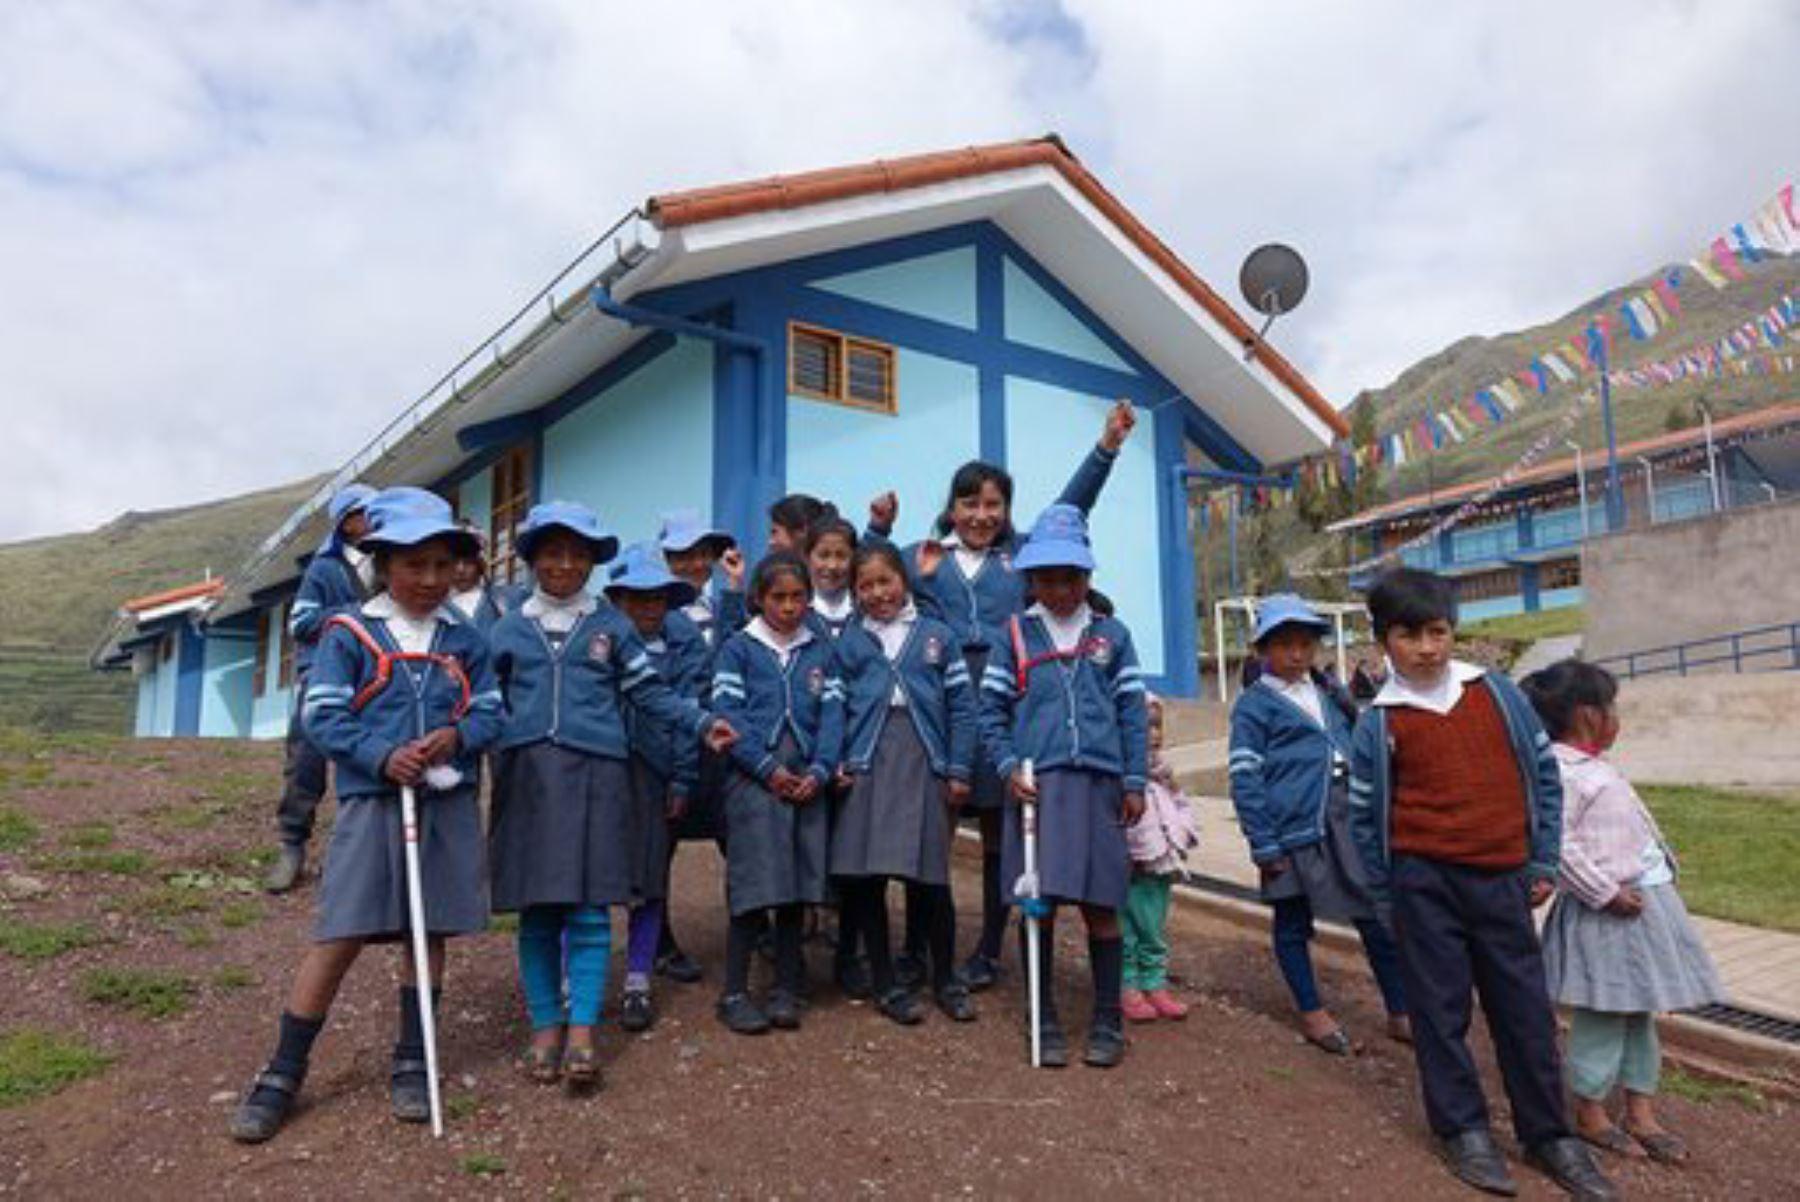 Niños del centro poblado de Poques, en la provincia cusqueña de Calca, estudiarán en moderna infraestructura educativa.